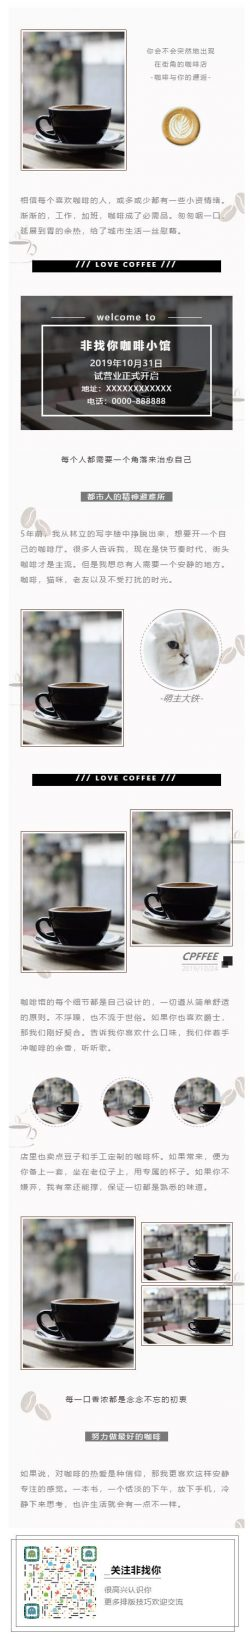 咖啡店咖啡馆黑色白色简约风格微信素材模板推文素材